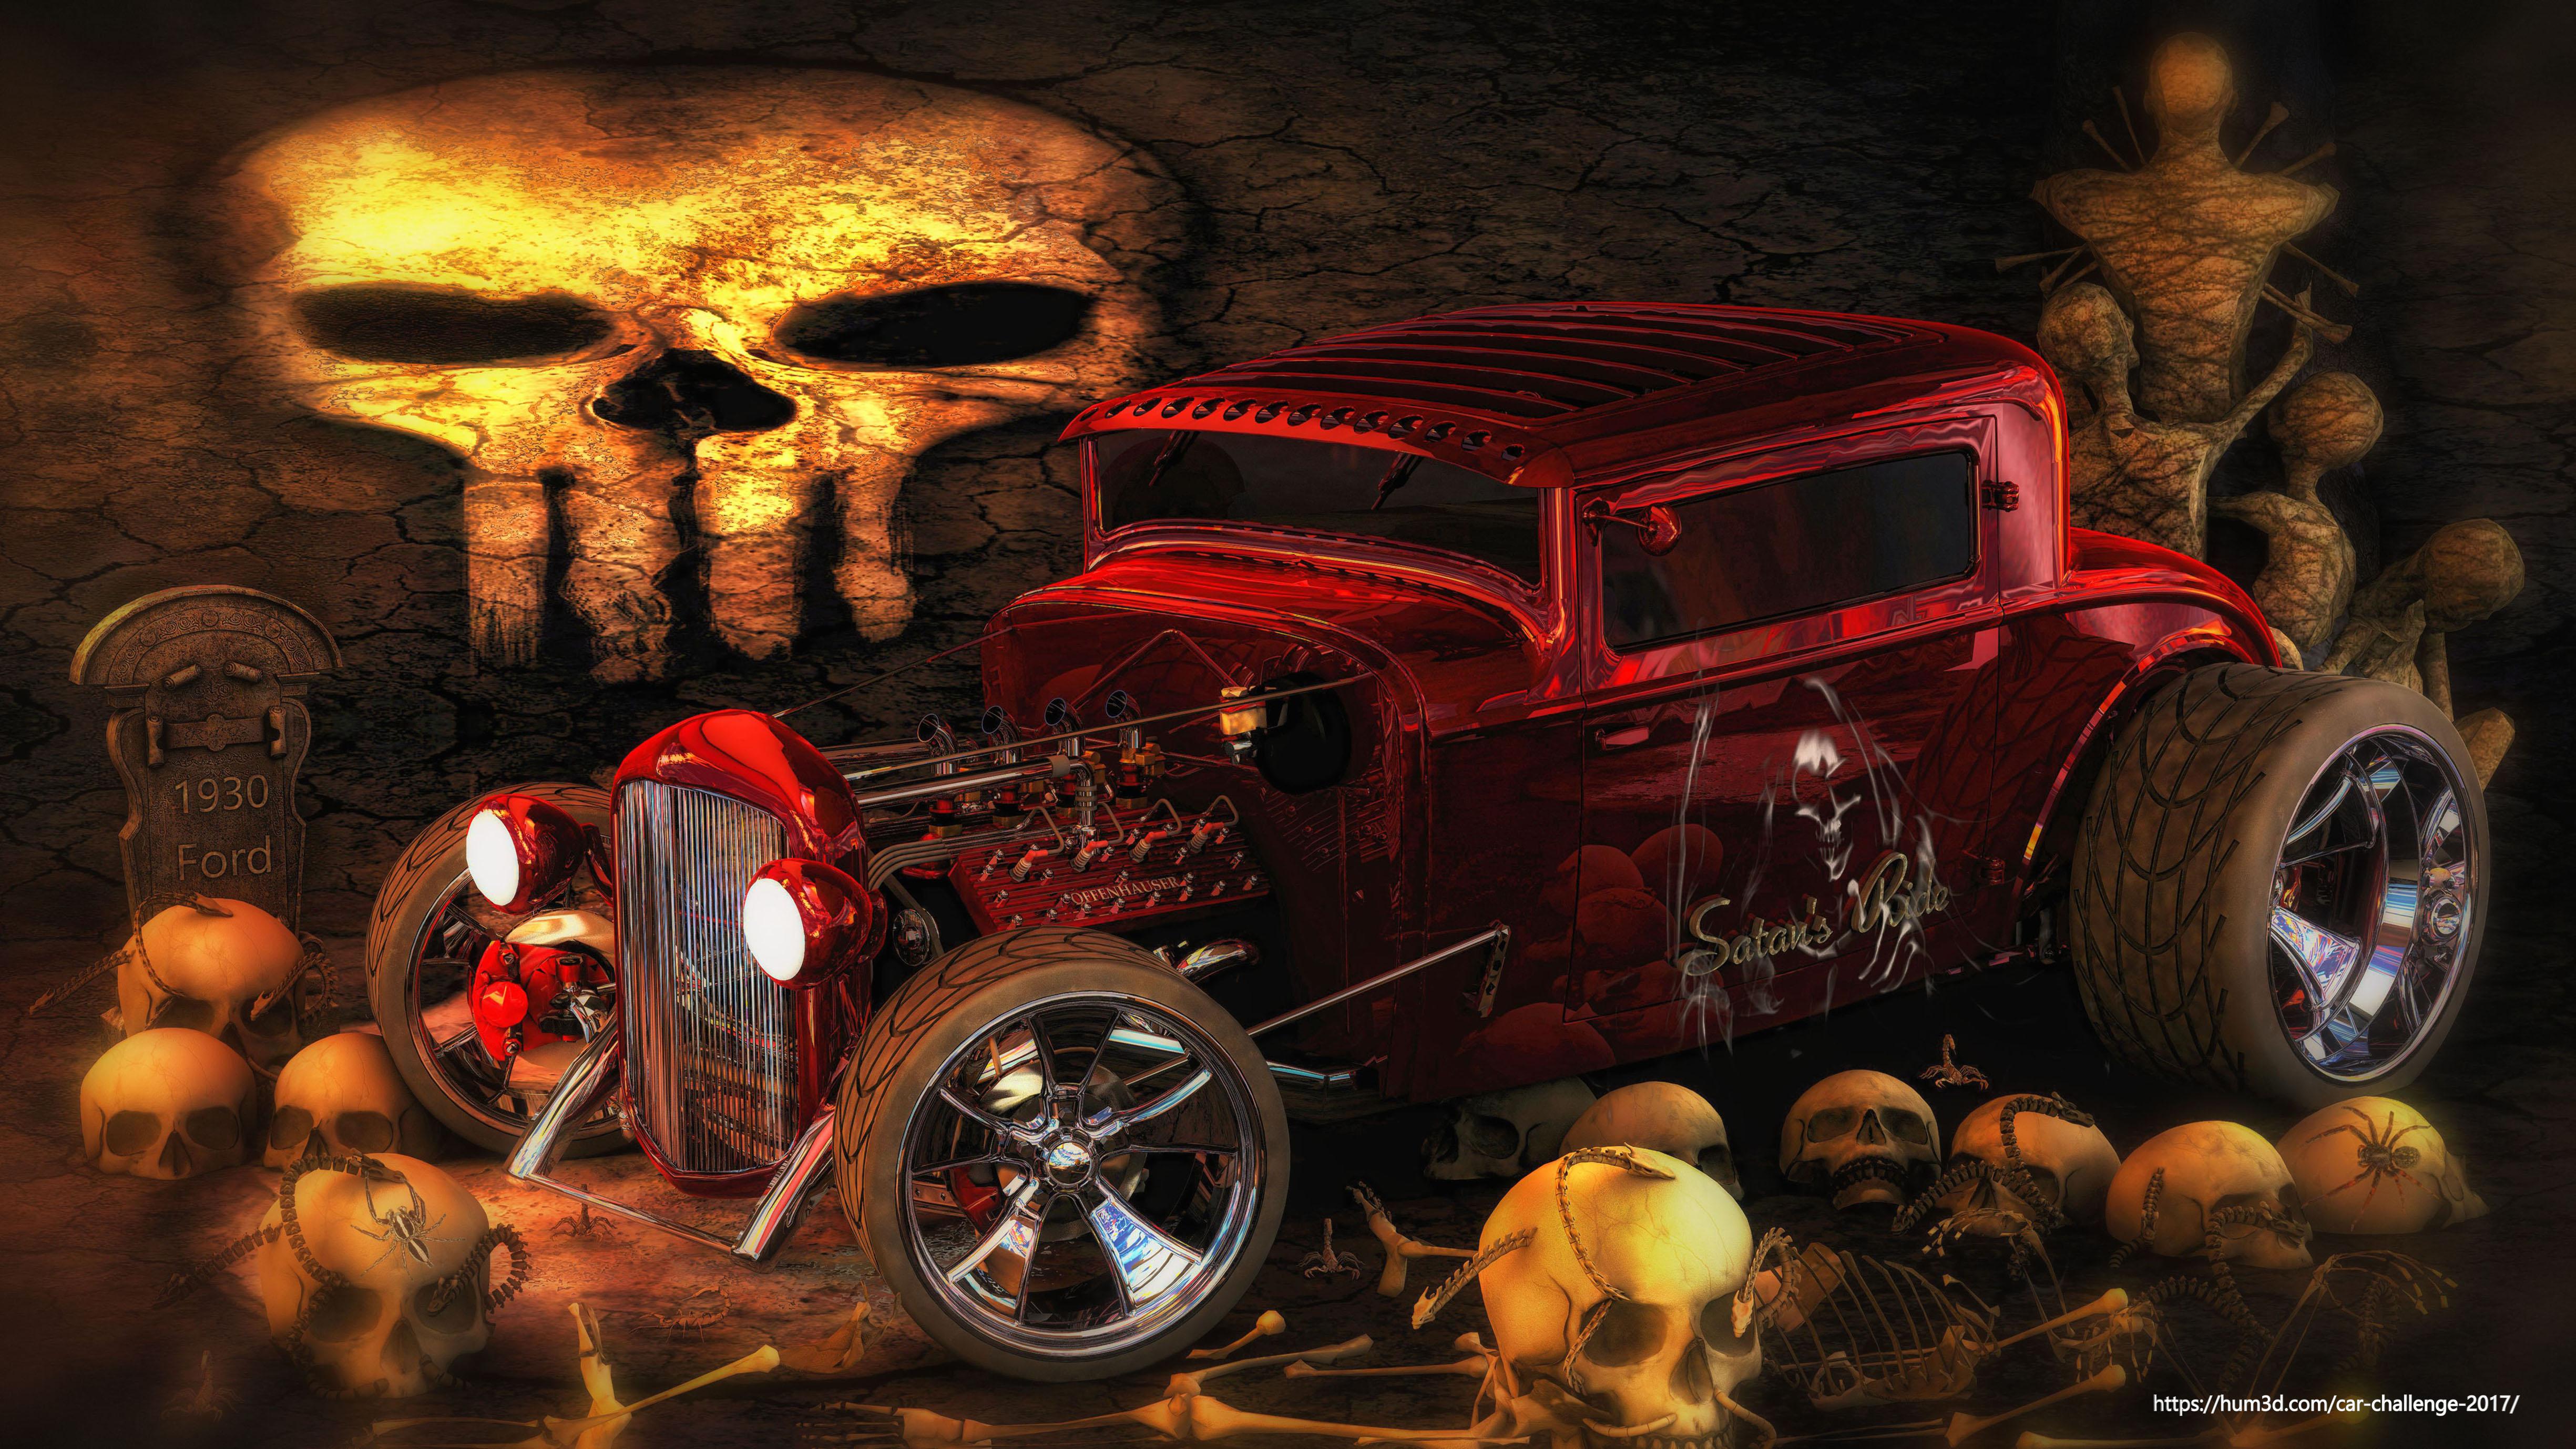 Satan's ride 3d art